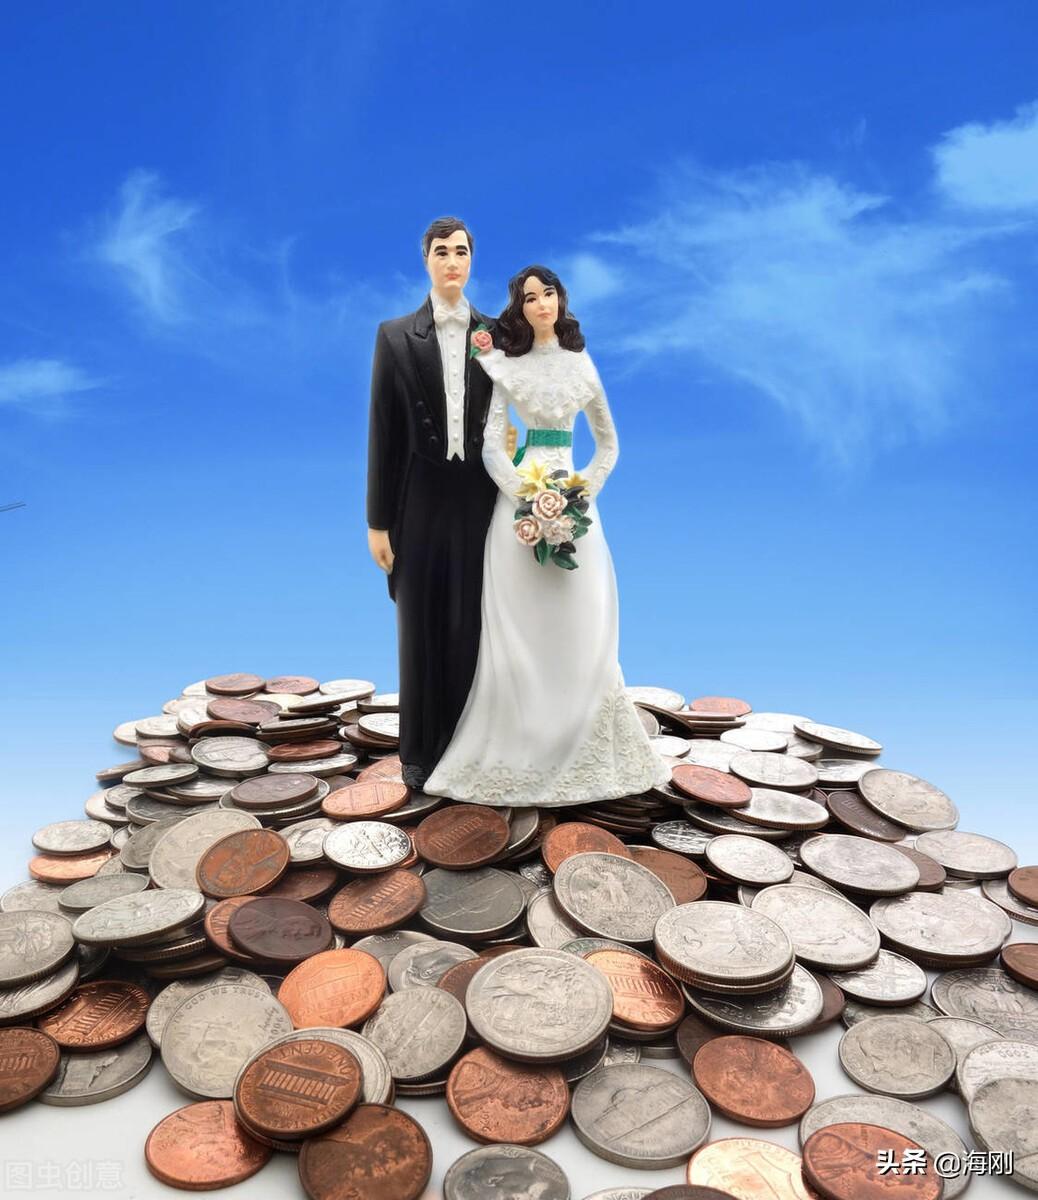 比尔·盖茨称27年婚姻是无爱的,李开复表示很惊讶